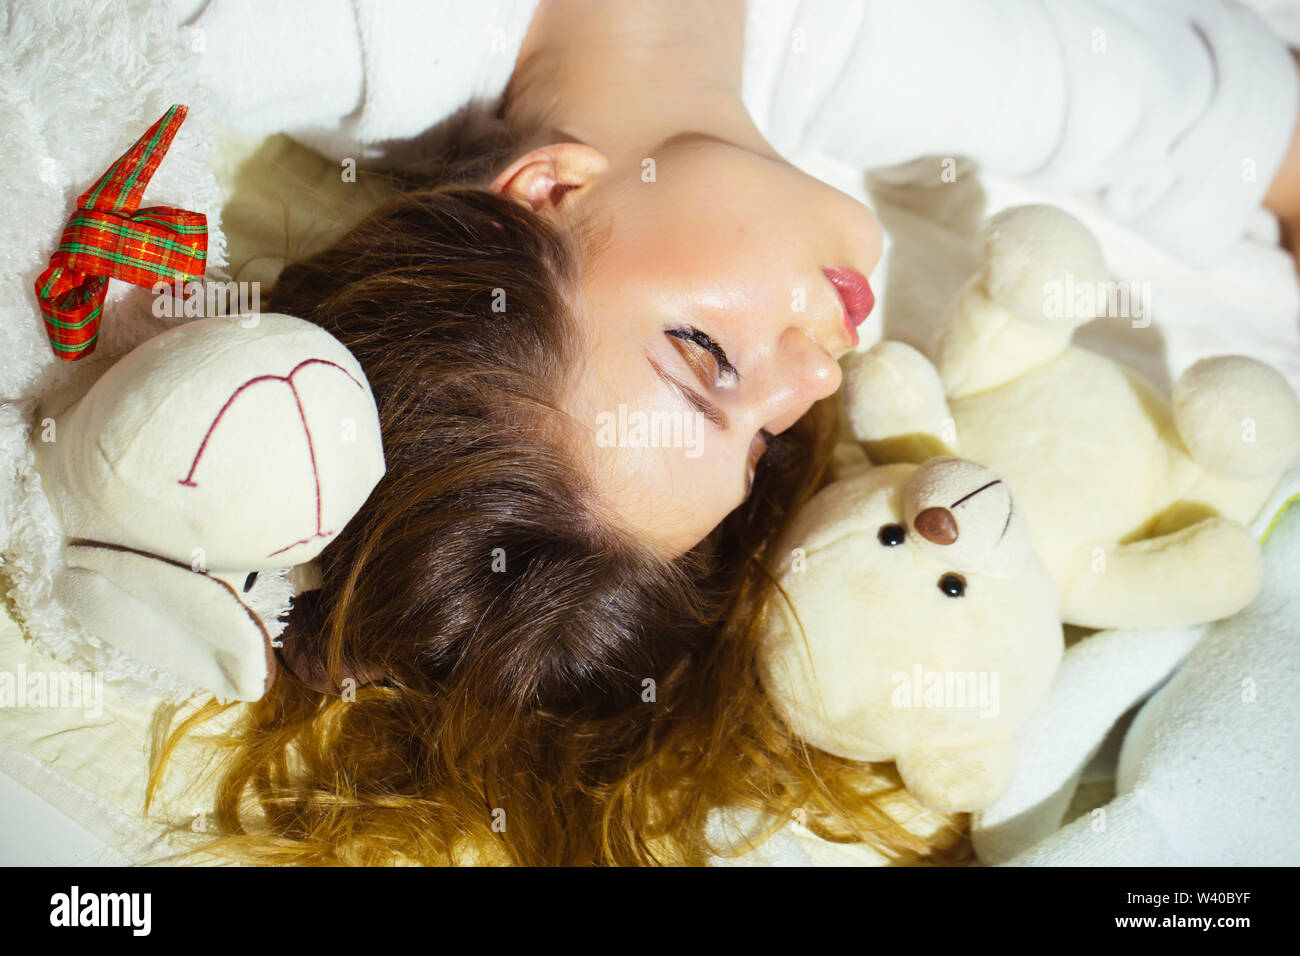 Licitación joven niña dormía con sus juguetes. Imagen De Stock